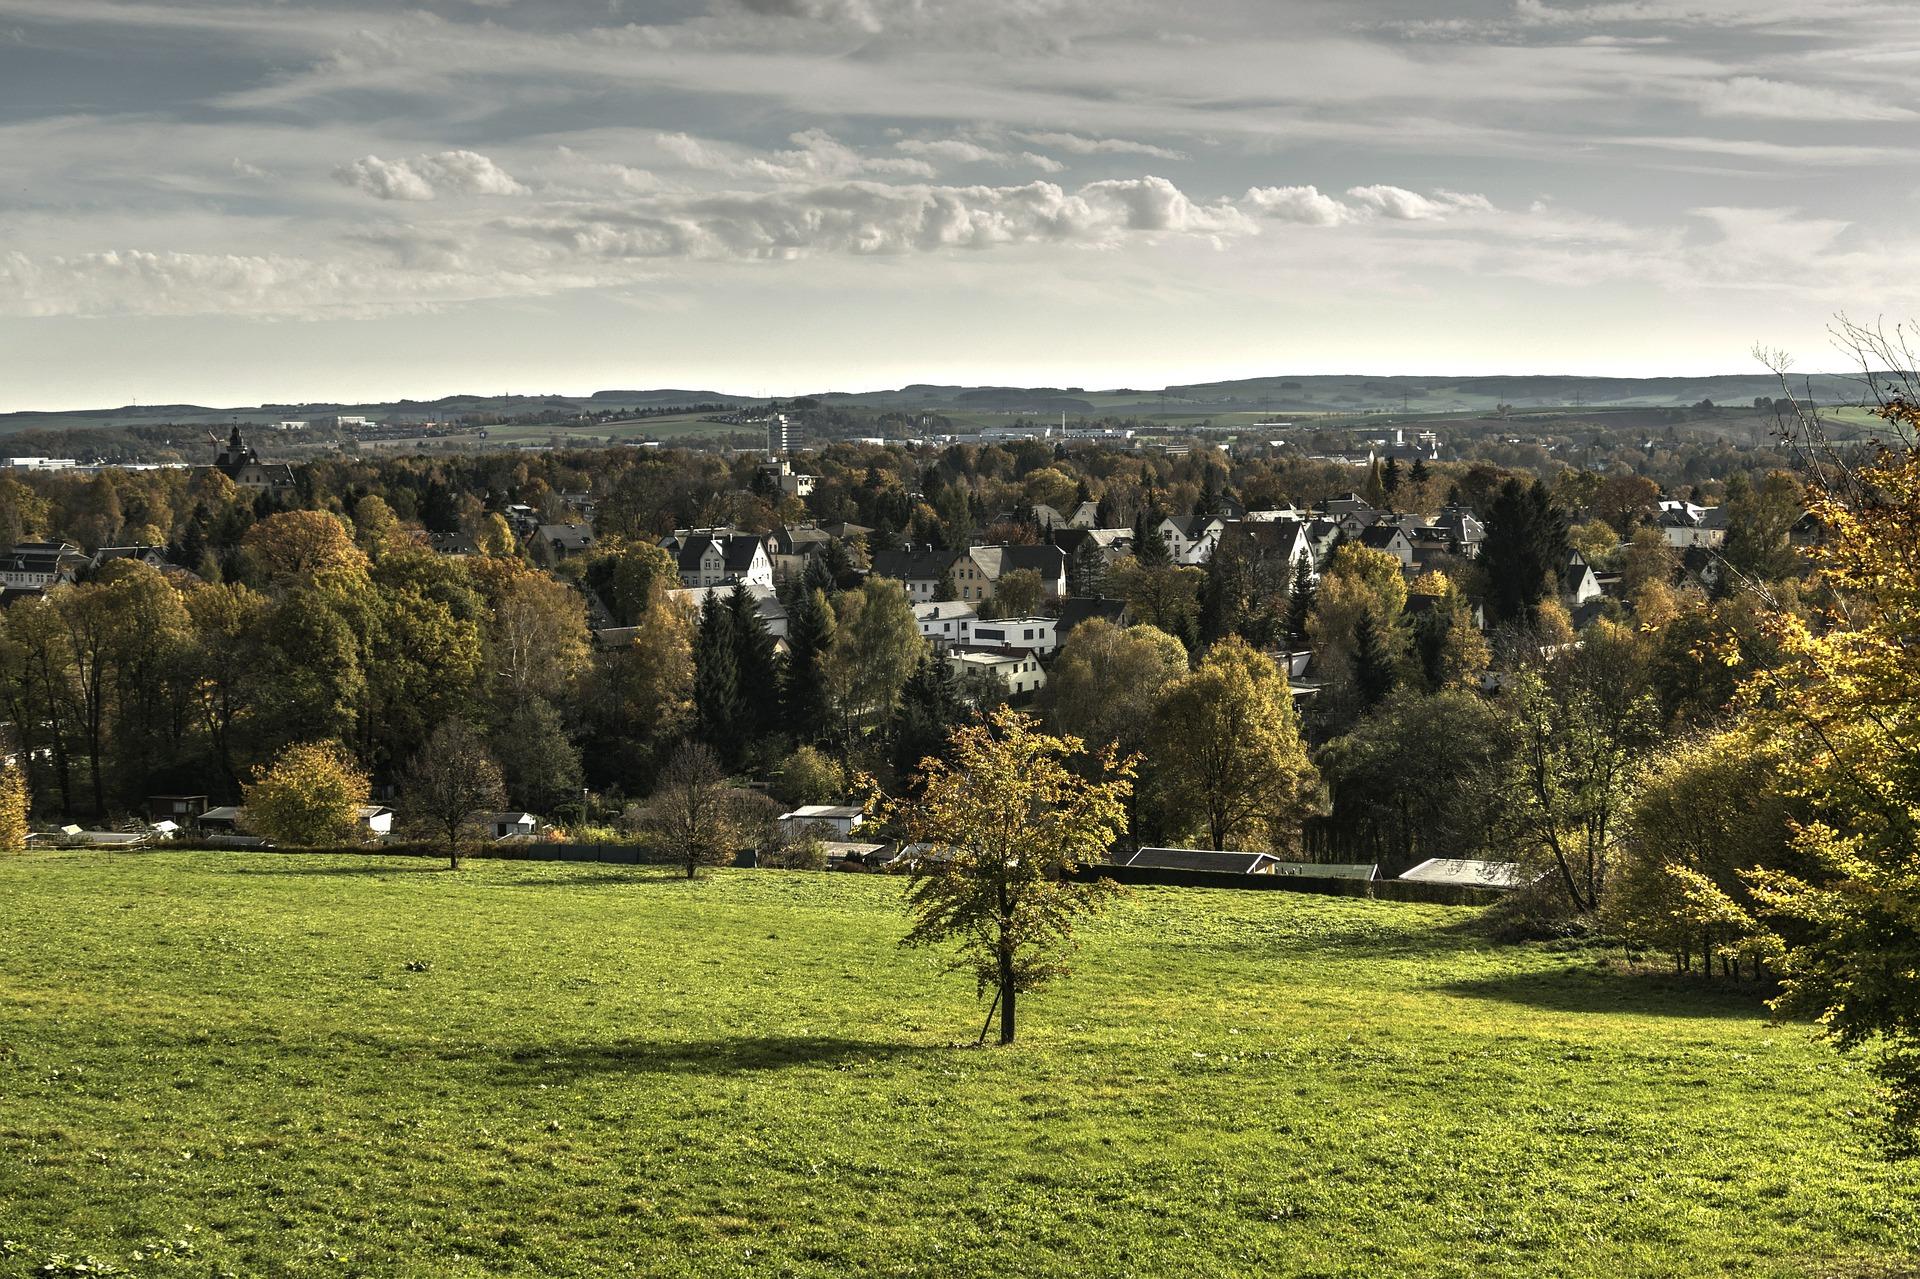 Chemnitz voorgedragen als culturele hoofdstad van Europa in 2025